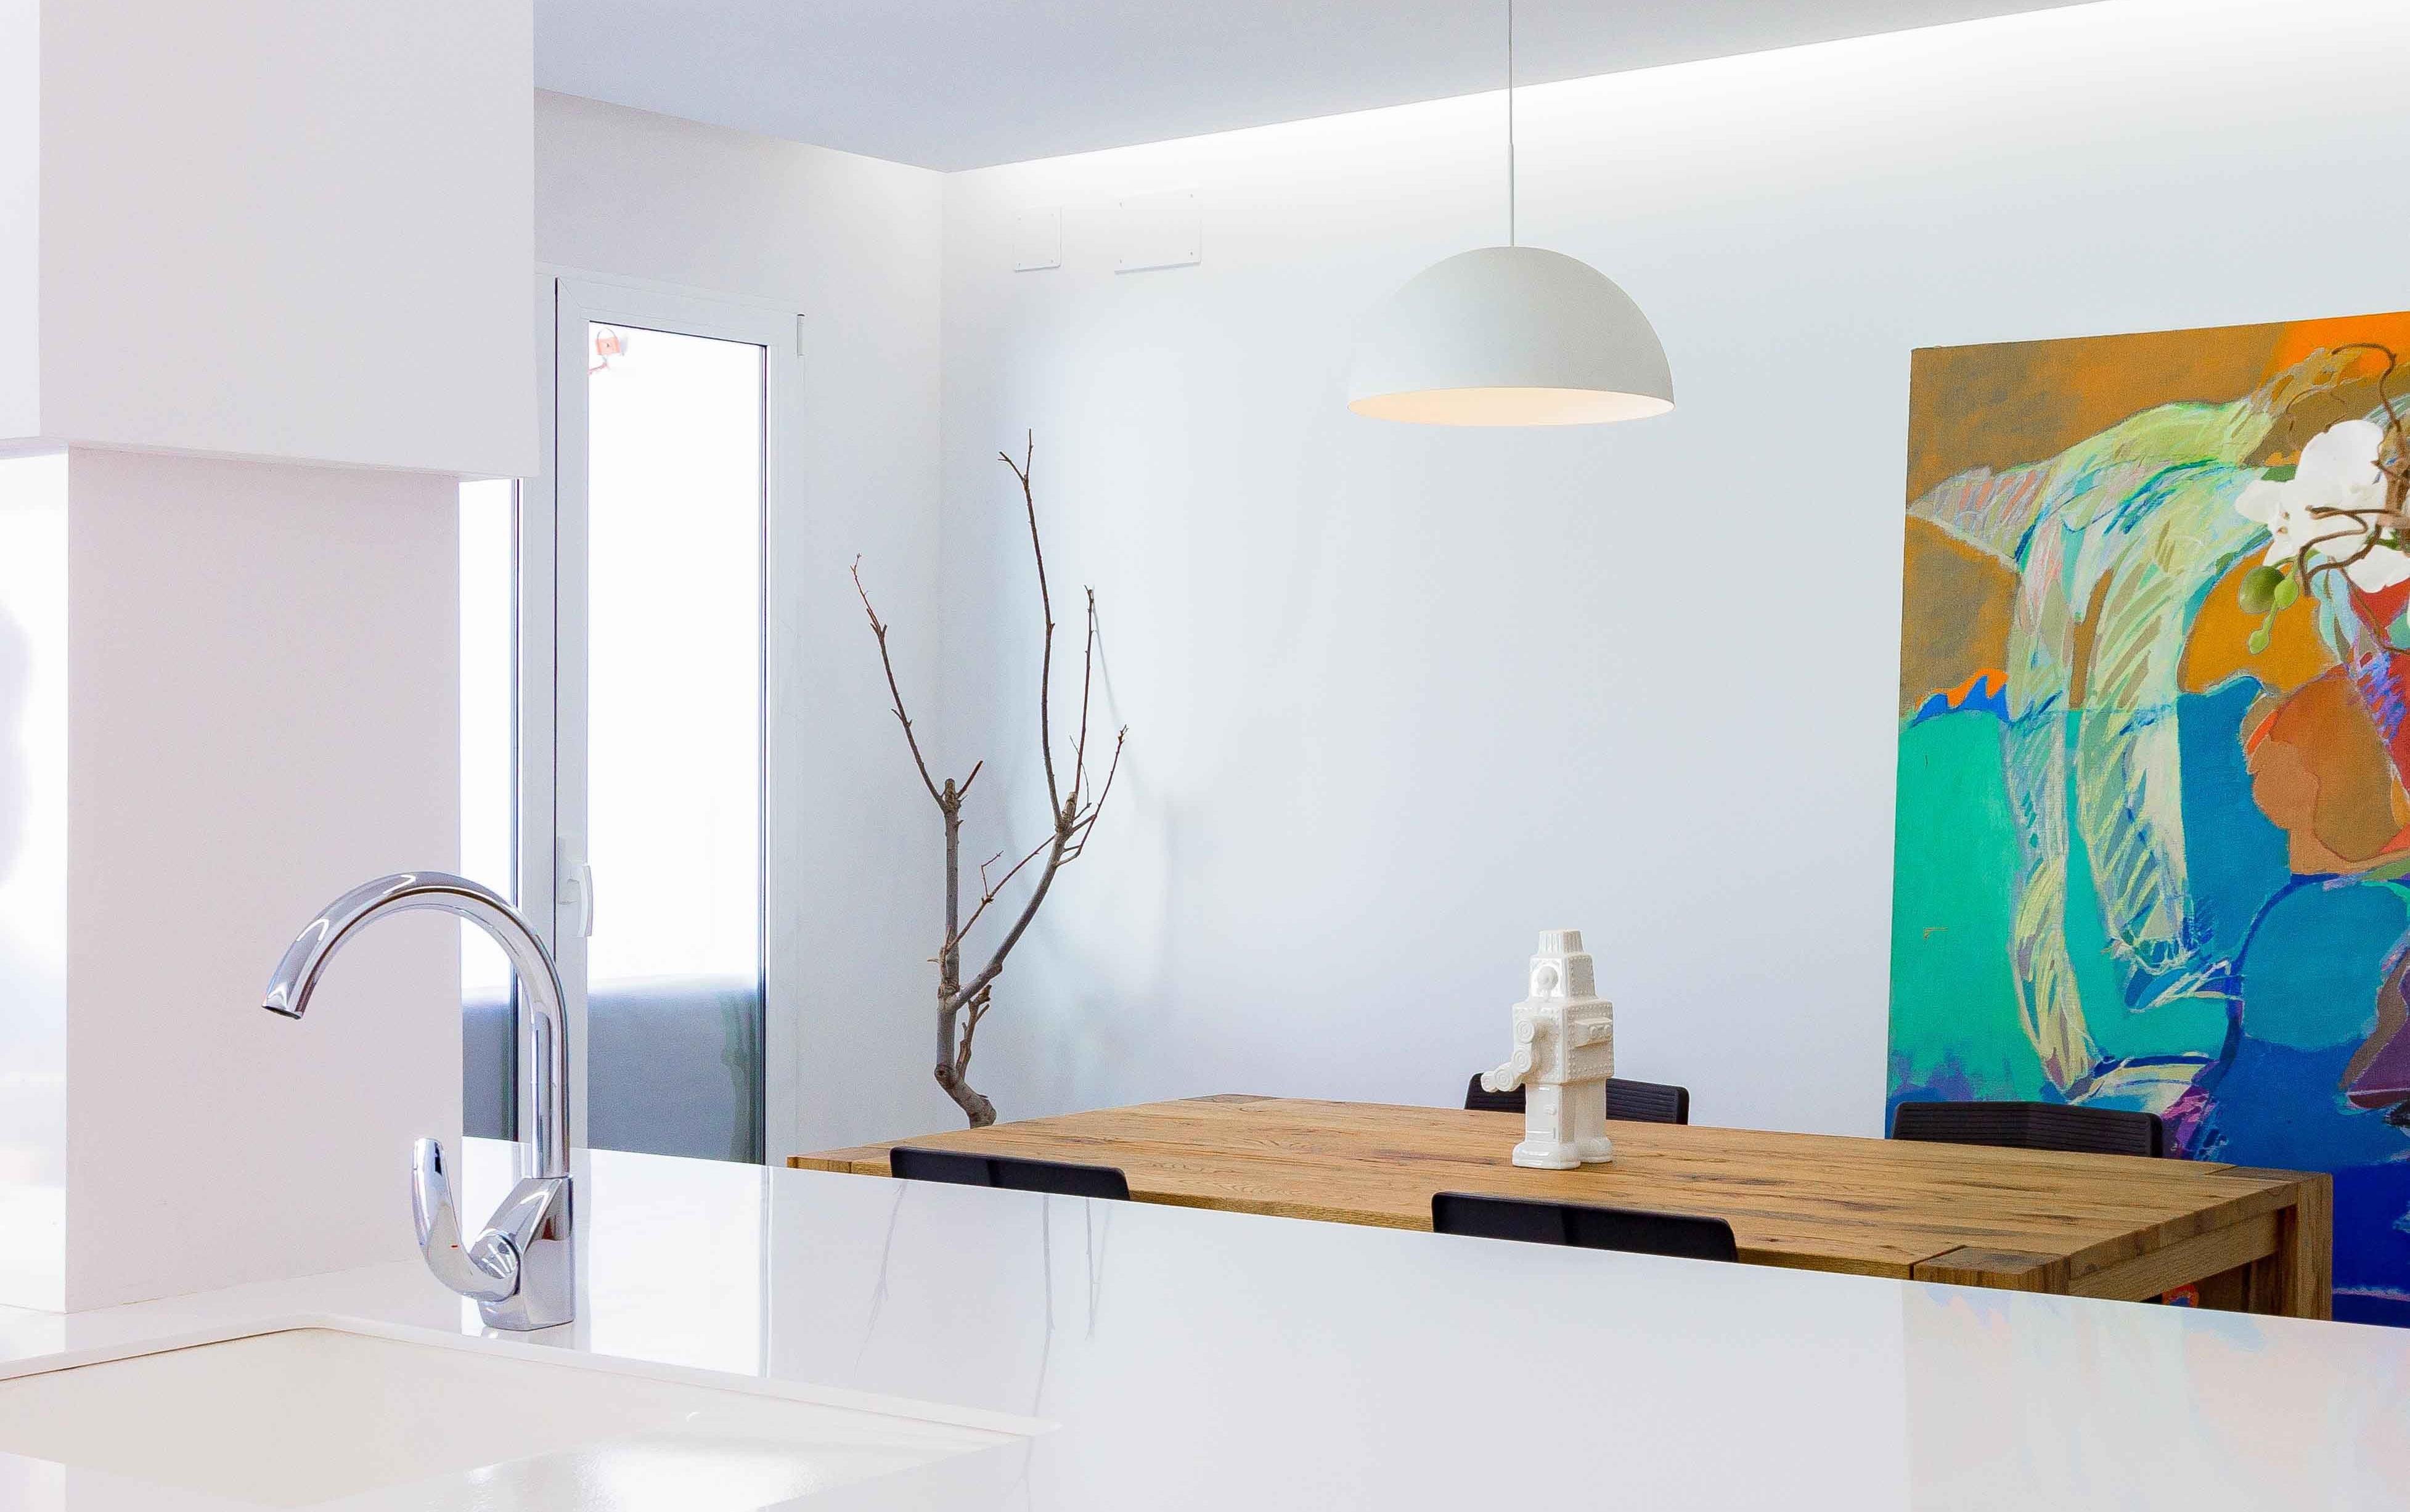 Decoración de cocina comedor estilo nórdico minimalista con mesa de madera maciza en reforma de casa. Lámpara de cocina blanca y encimera blanca de granito.Chiralt Arquitectos Valencia.